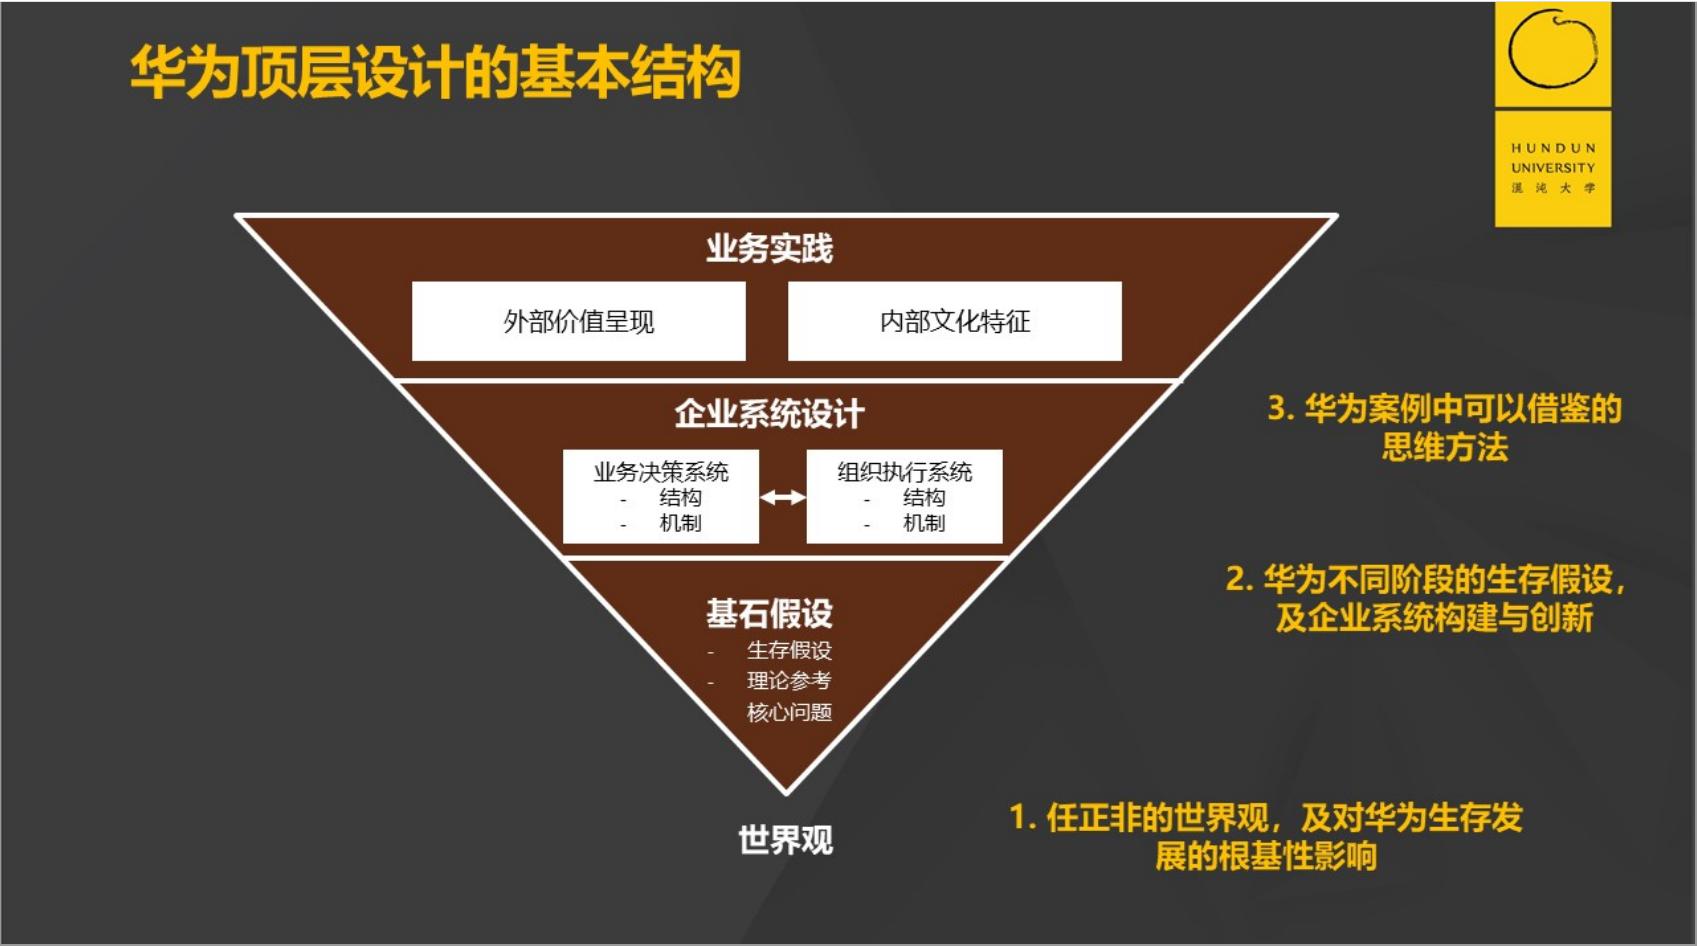 华为持续成长的顶层设计(案例库)